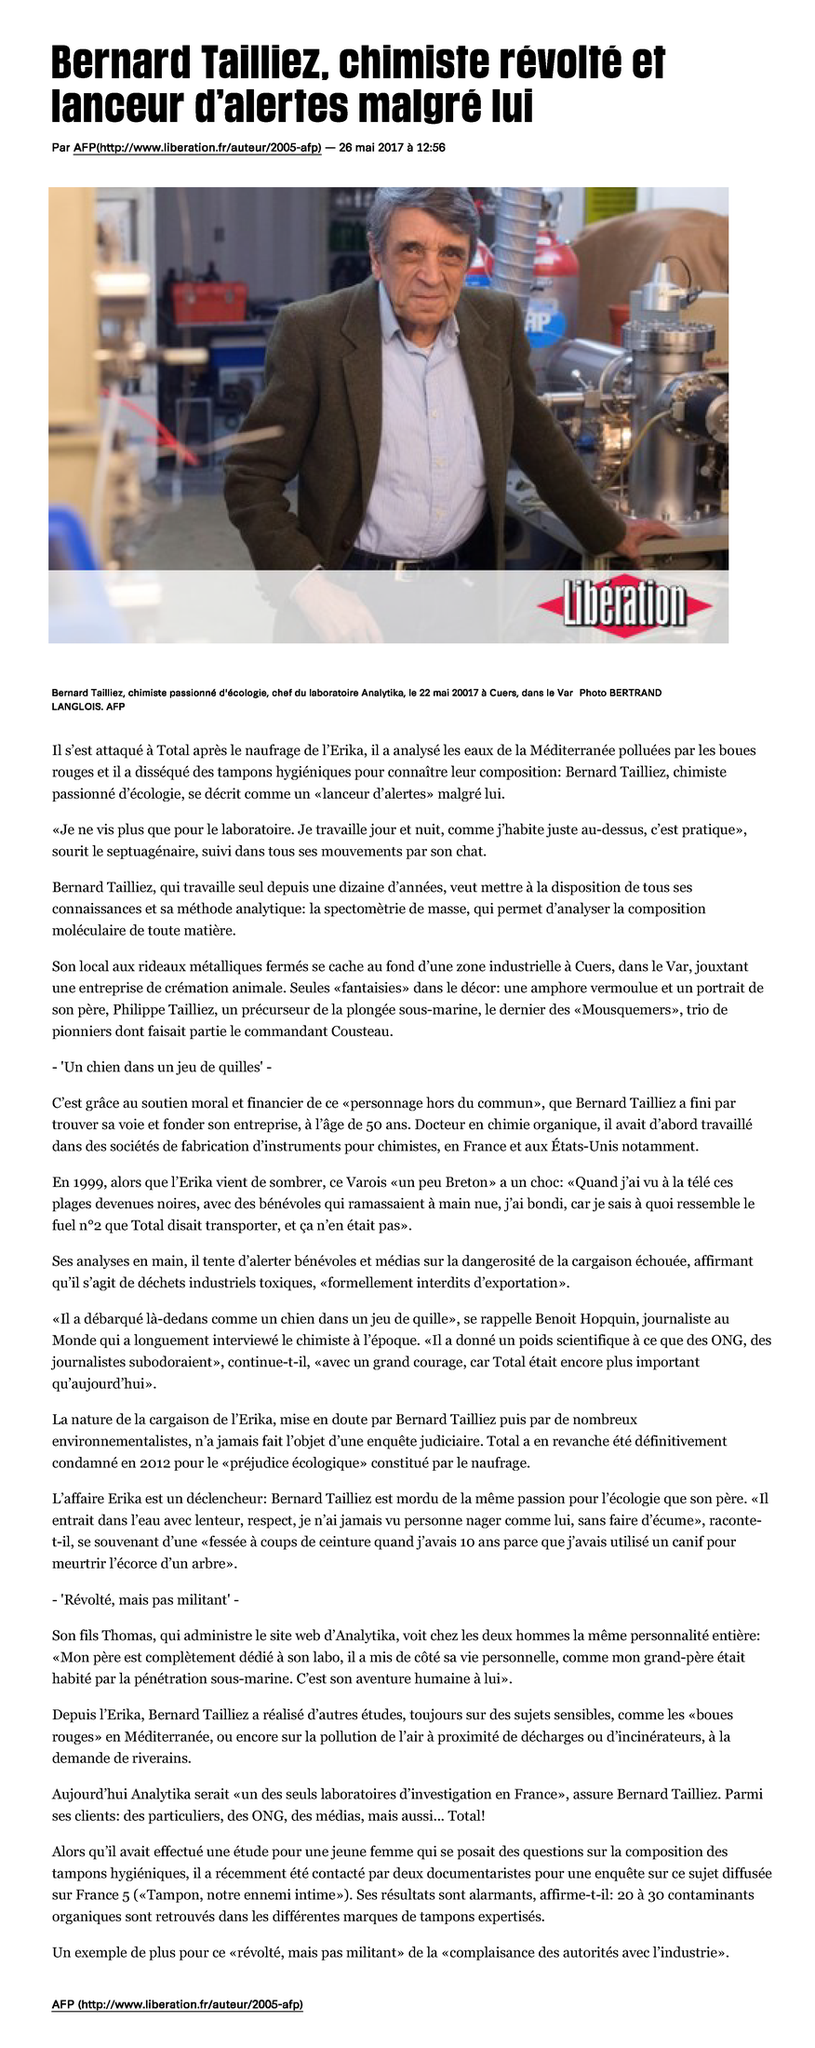 """26 MAI 2017 > LIBÉRATION/AFP : """"Bernard Tailliez, chimiste révolté et lanceur d'alertes malgré lui"""""""